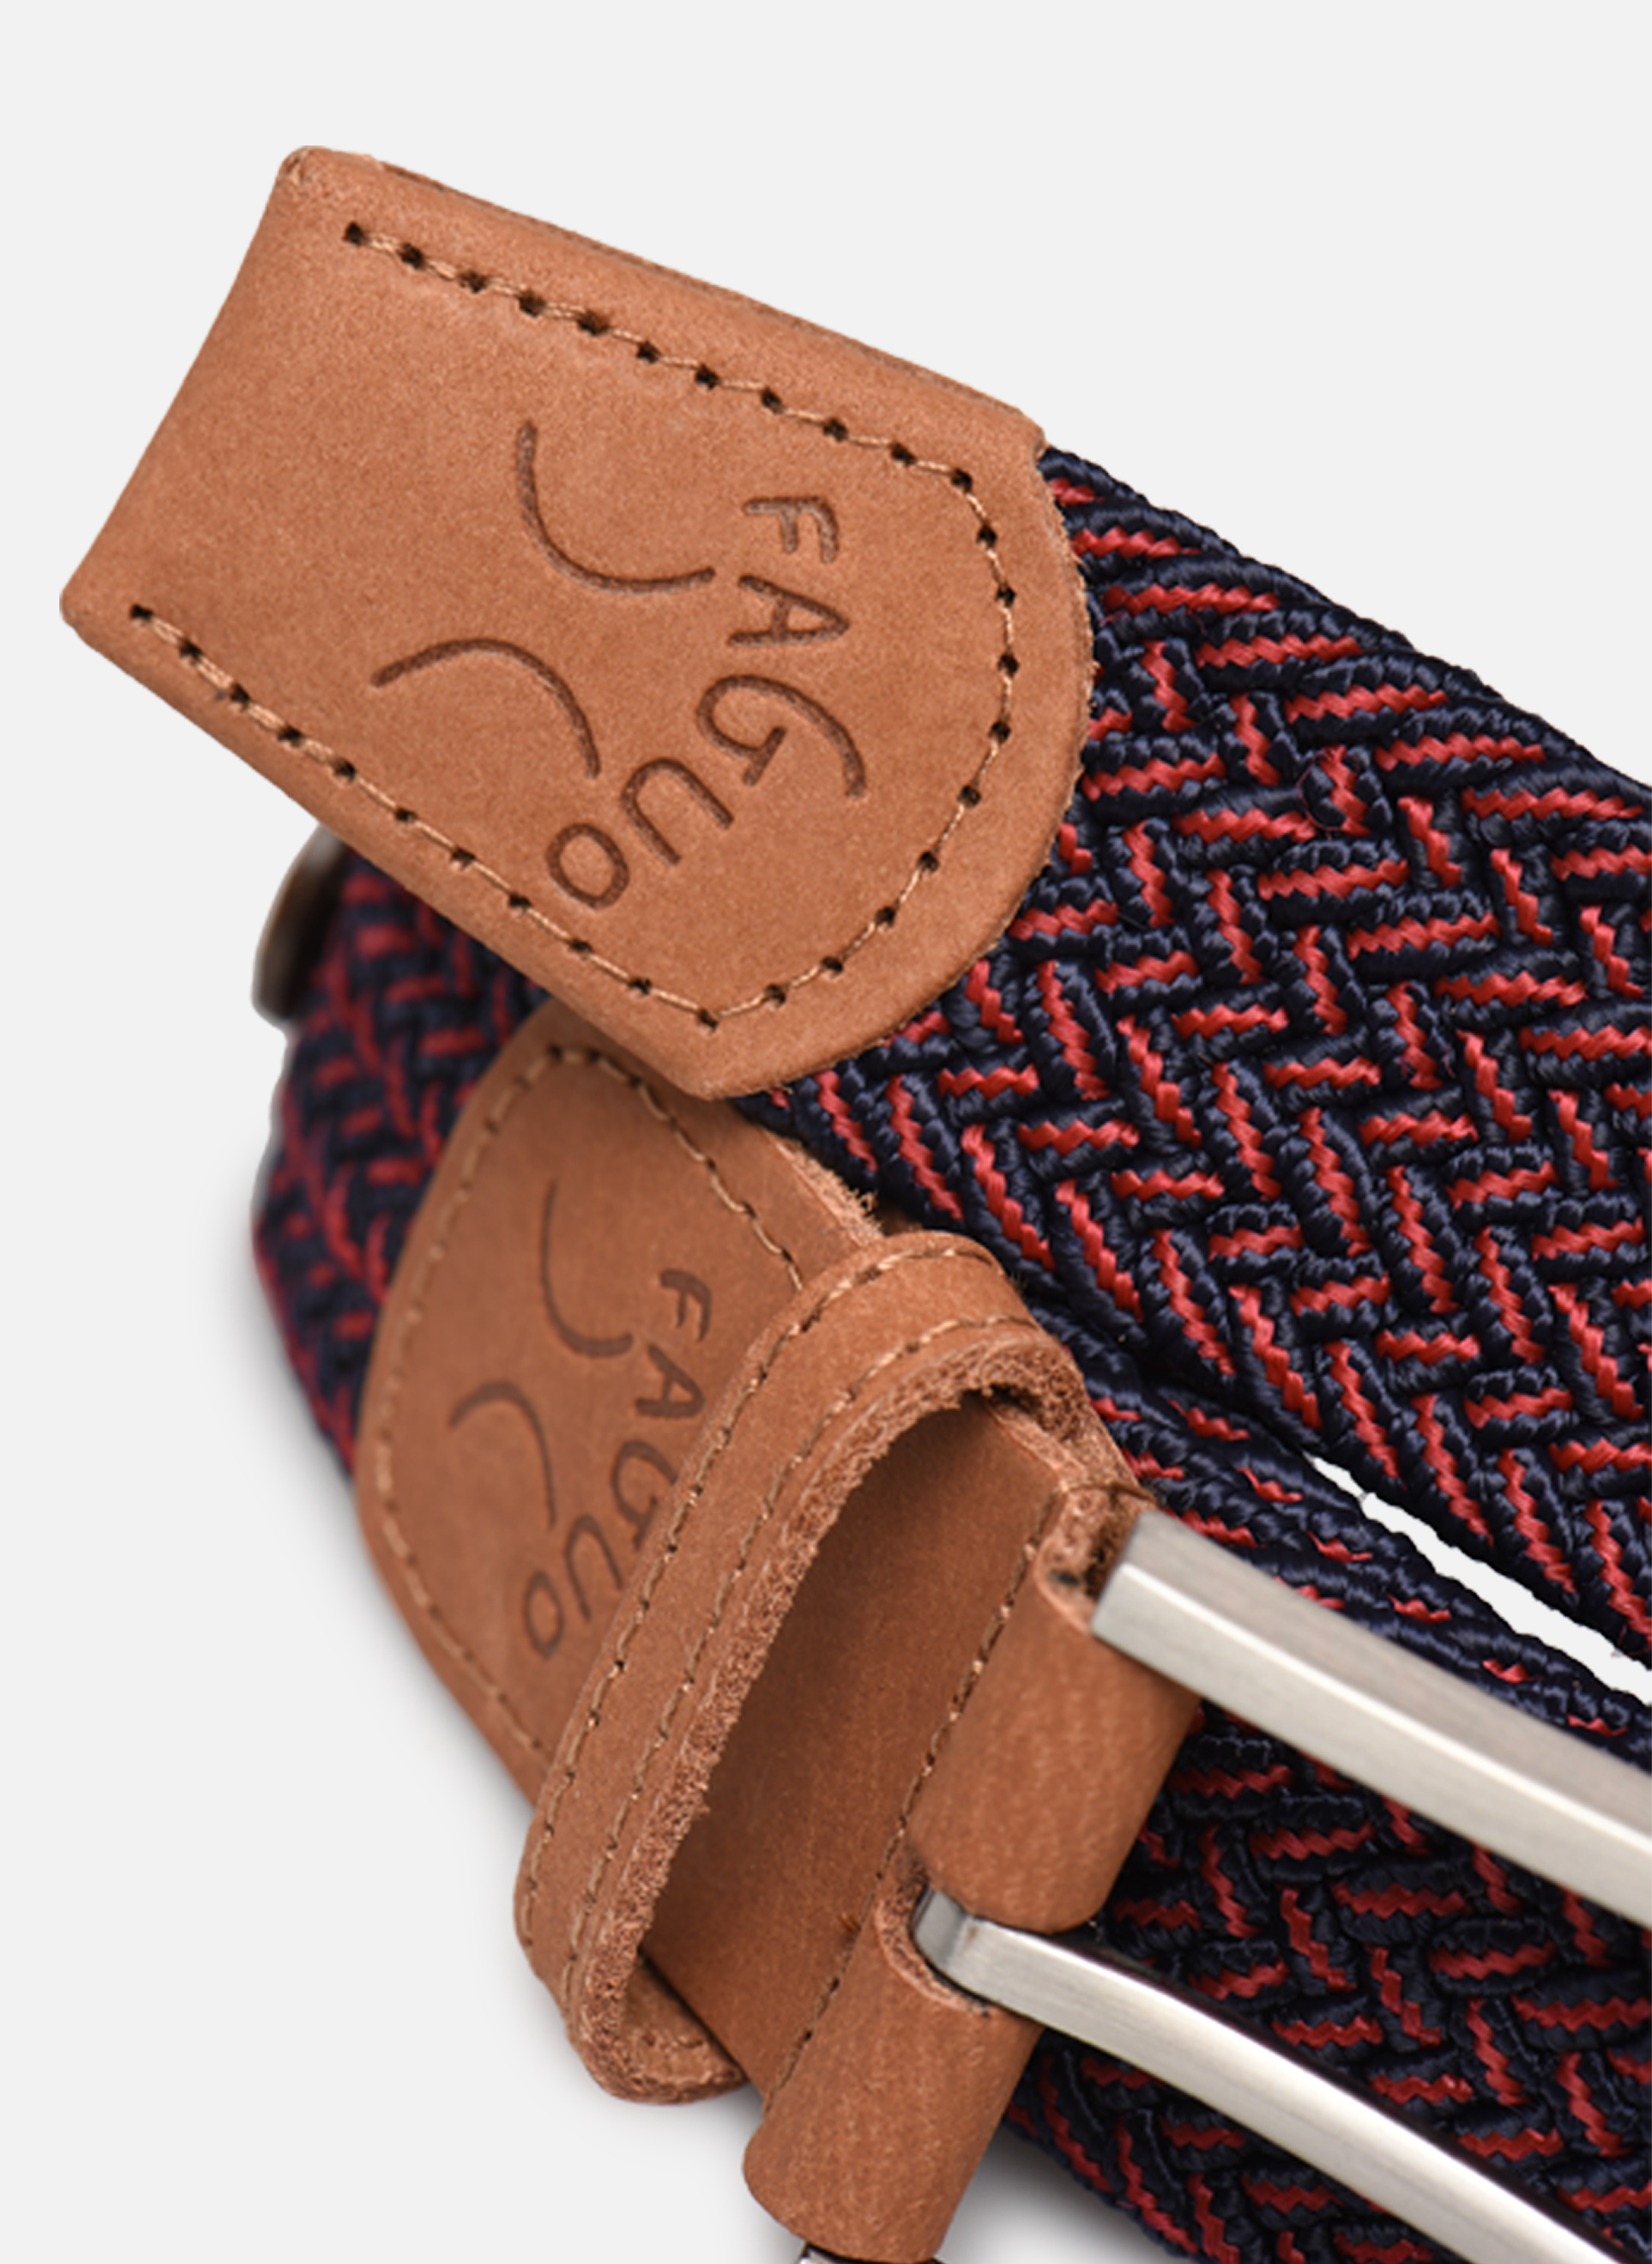 Gürtel Faguo Ceinture tressée bicolore rot schuhe getragen